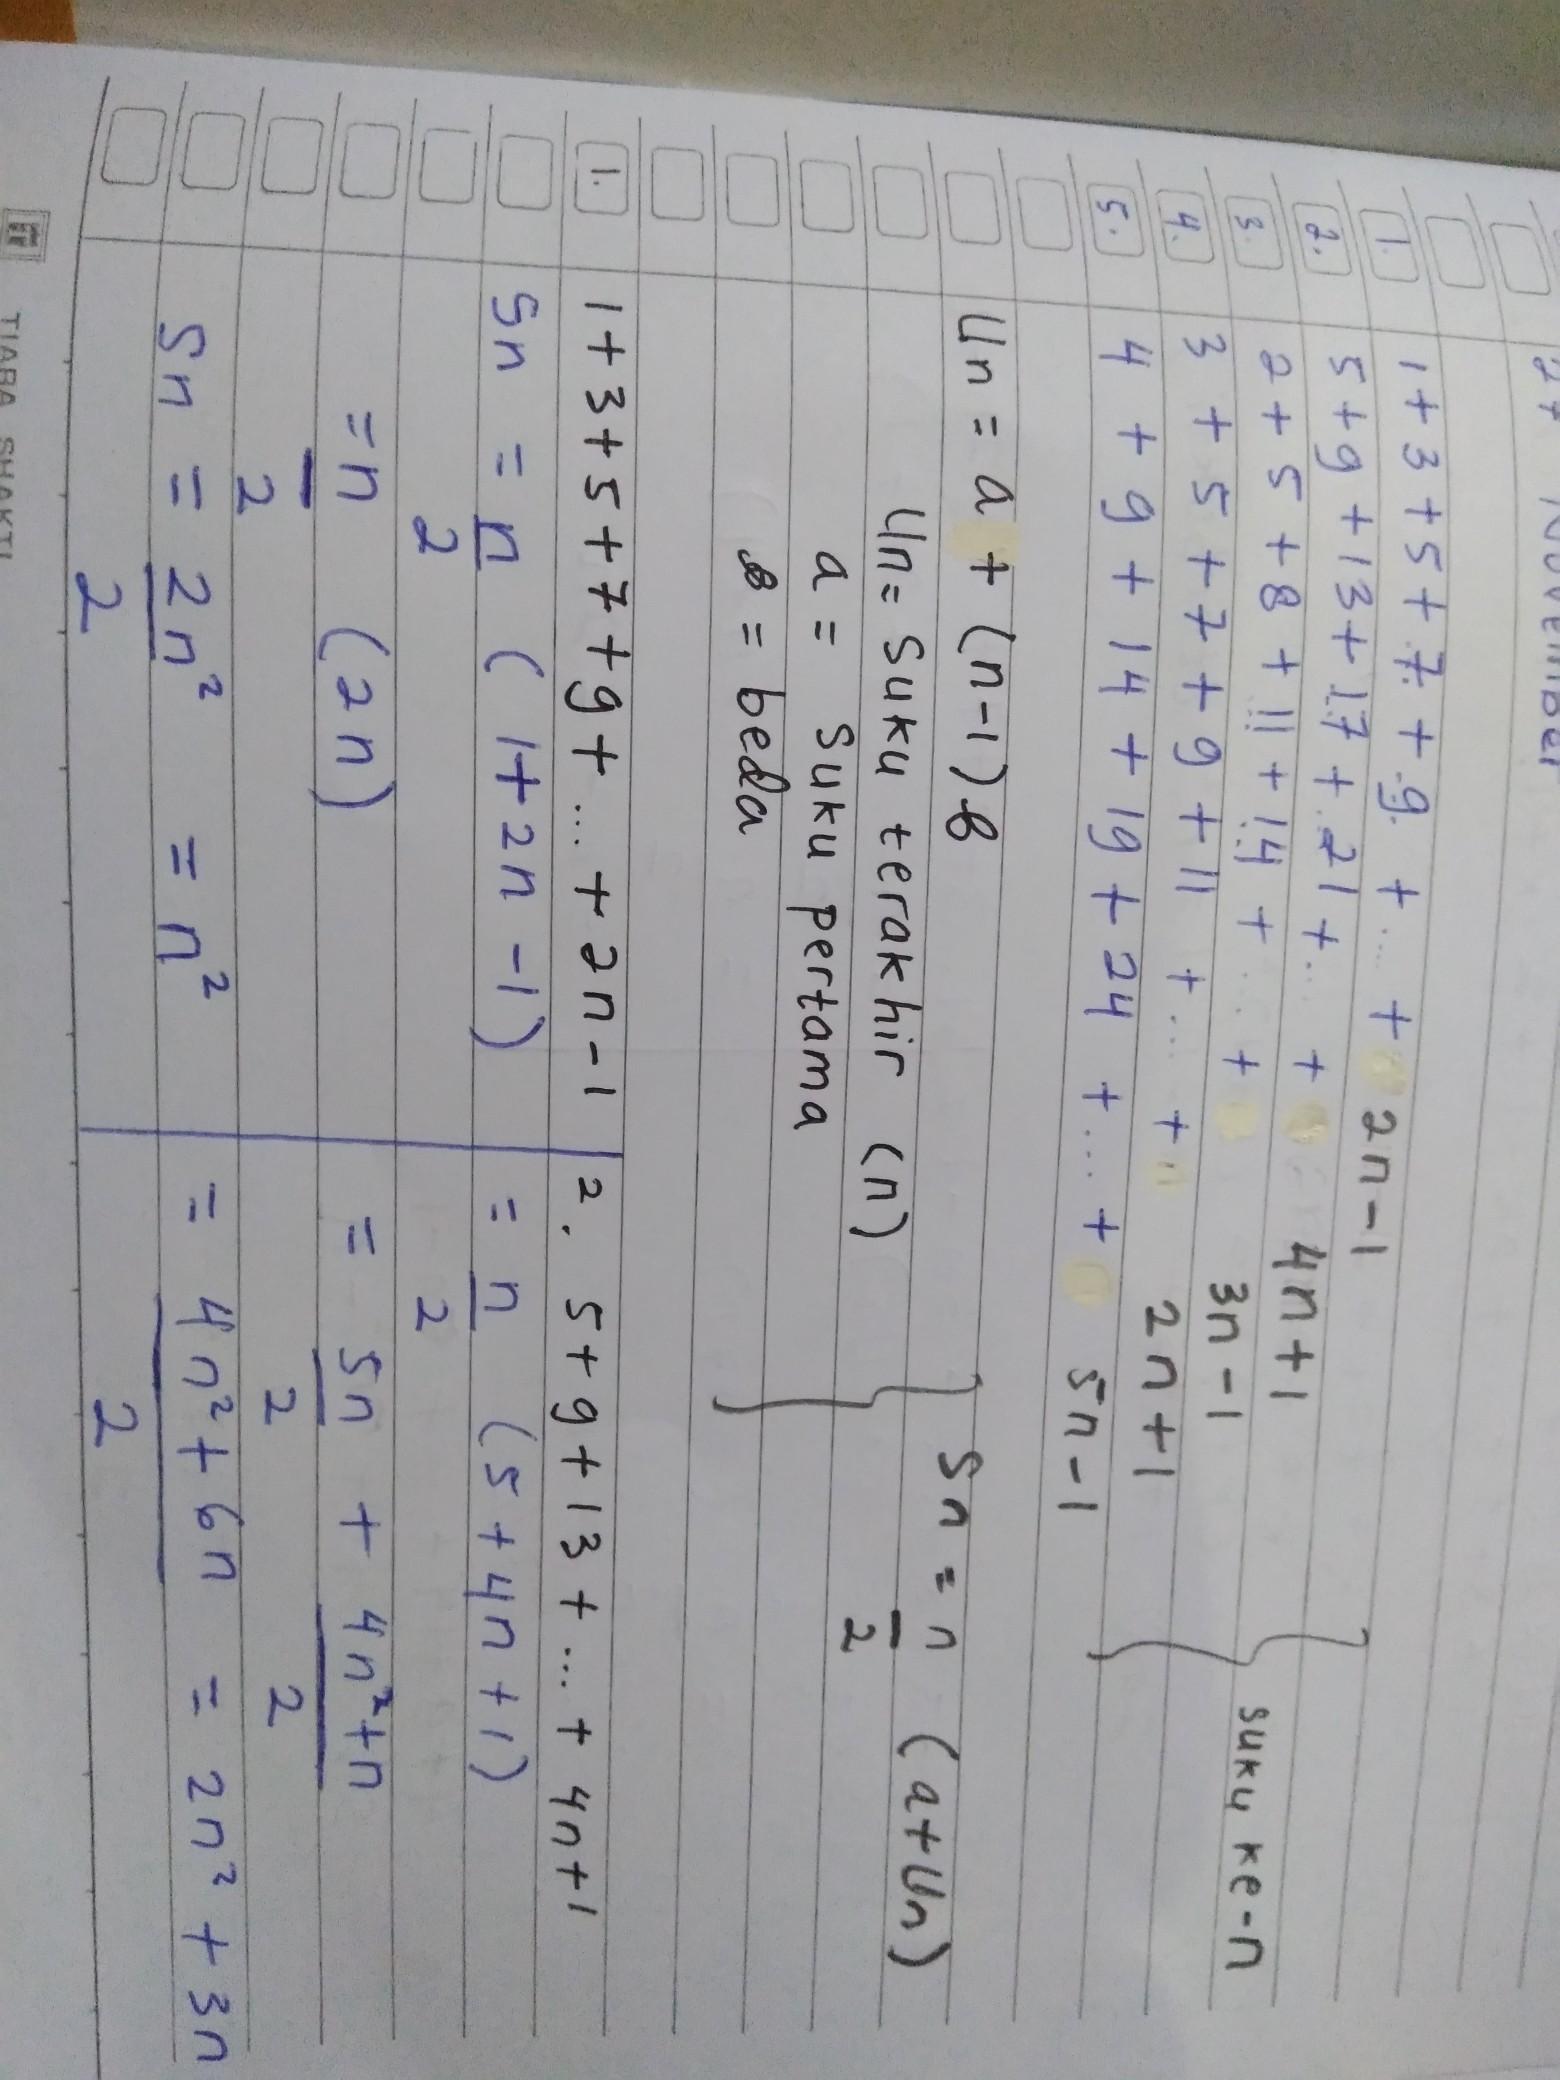 Contoh Soal Induksi Matematika Kelas 11 Beserta Jawabannya : contoh, induksi, matematika, kelas, beserta, jawabannya, MATEMATIKA, KELAS, (INDUKSI, MATEMATIKA), Tolong, Buktikan, Dengan, Induksi, Matematika, Nomor, Brainly.co.id